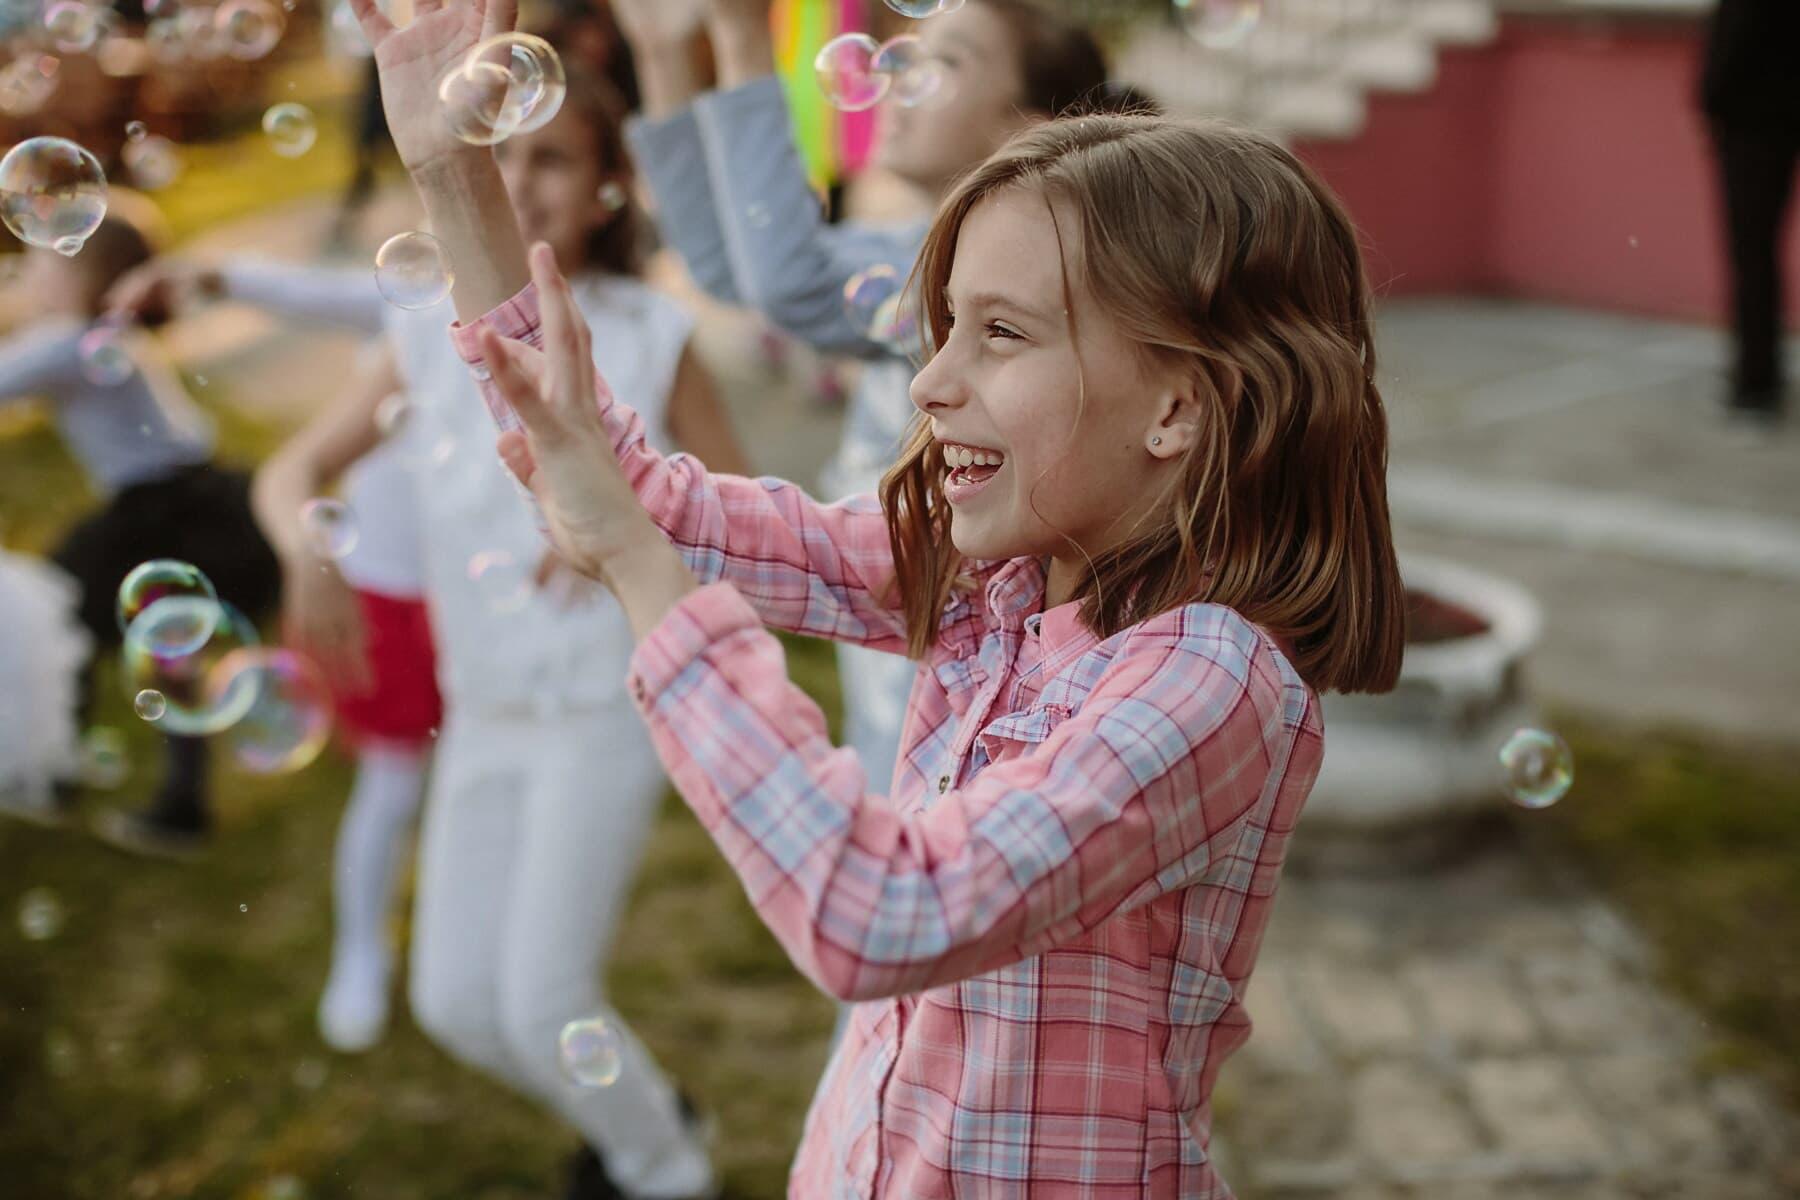 souriant, bonheur, jouissance, Jolie fille, anniversaire, parti, écolière, enfant, lumière, amusement